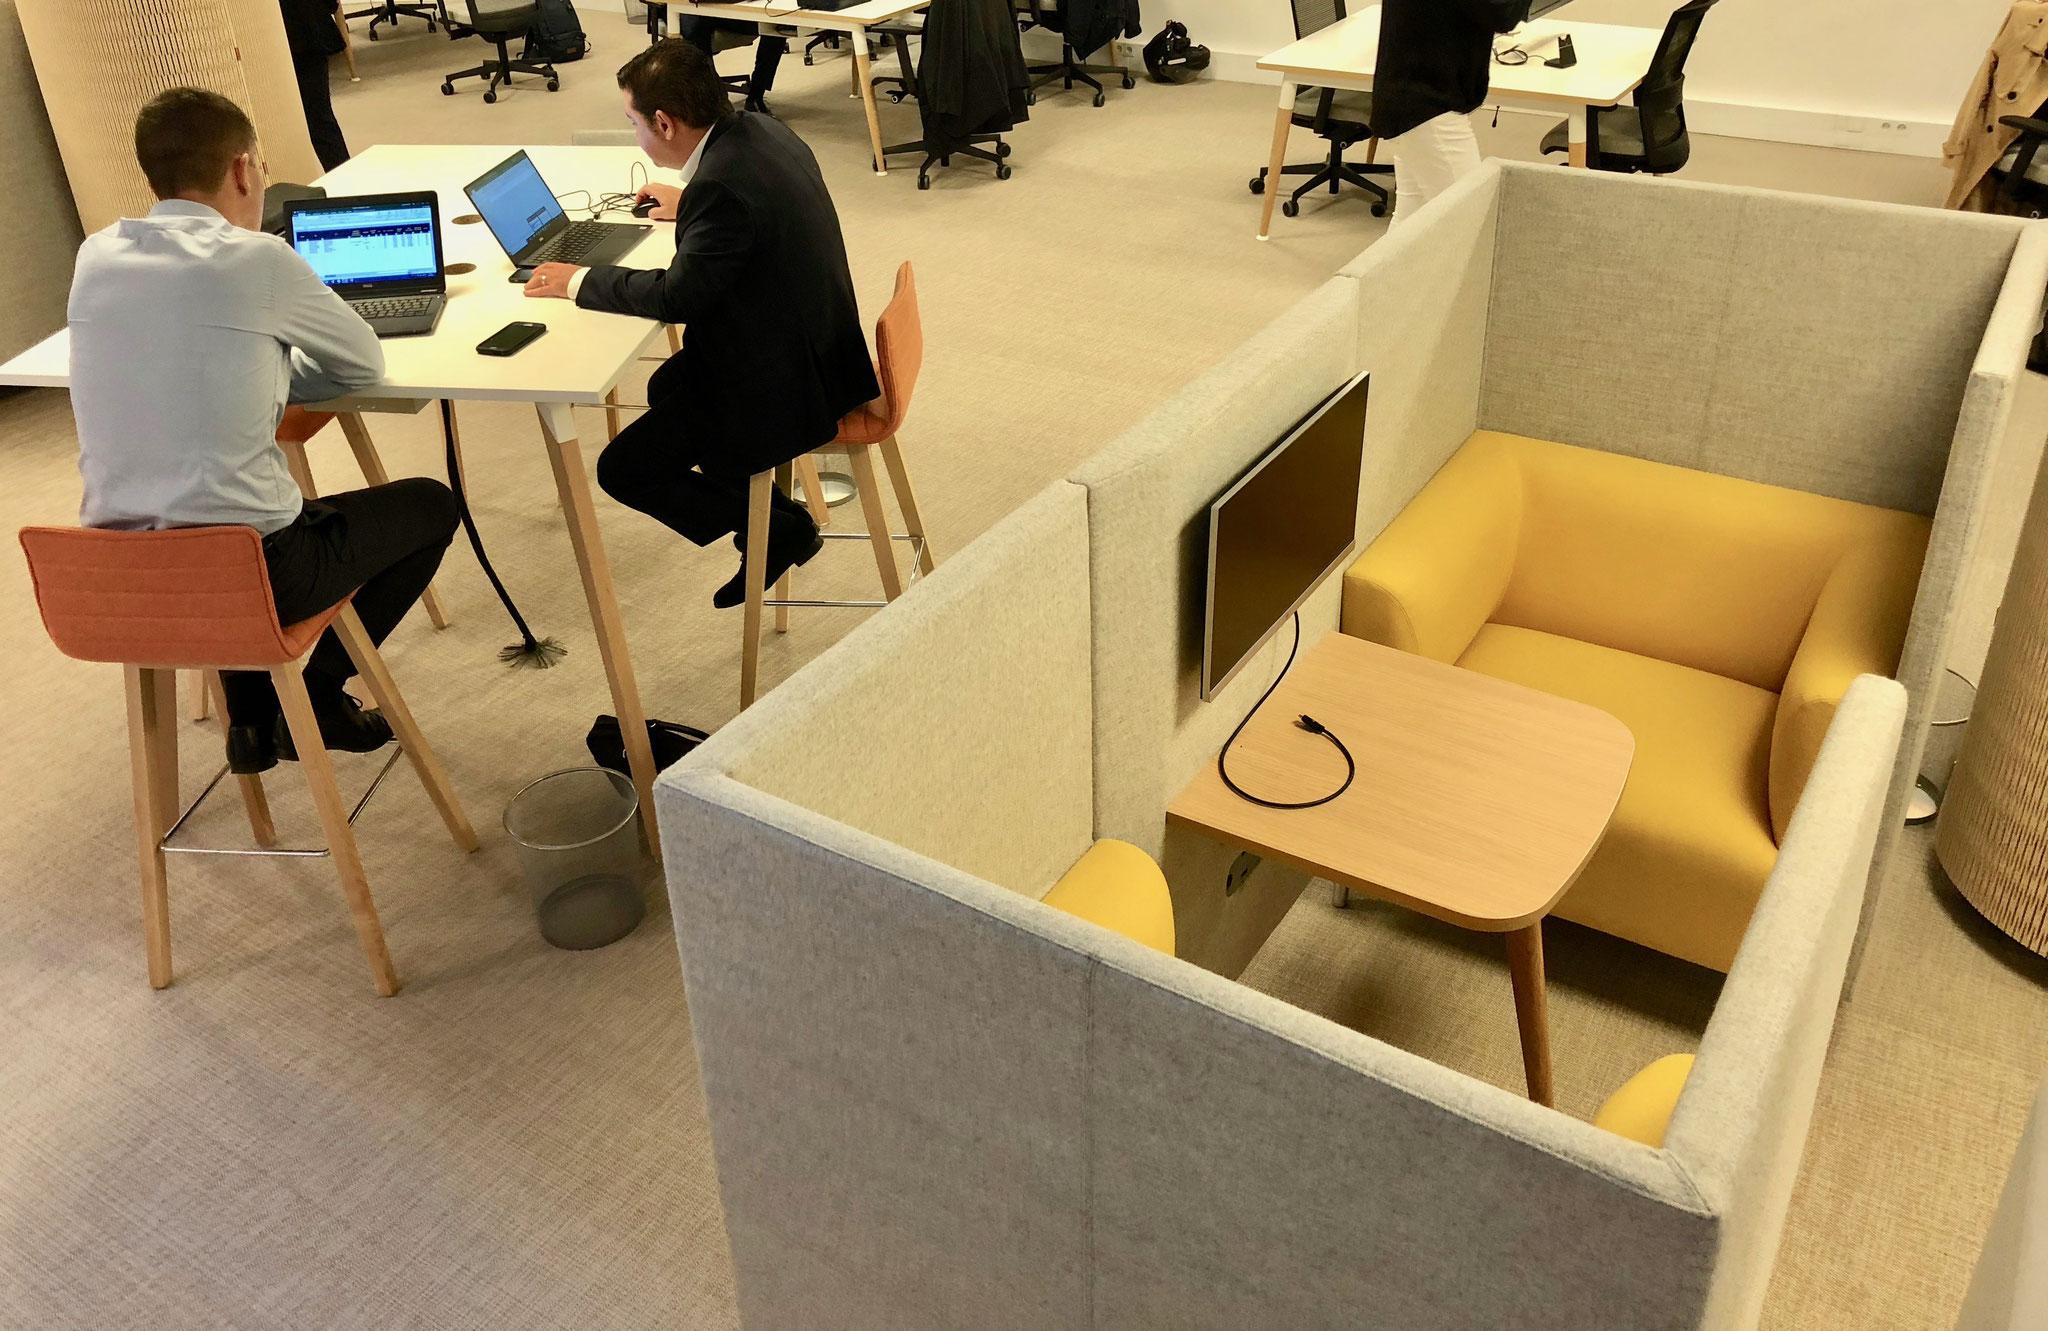 création de différents espaces délimités dans un espace de travail partagé